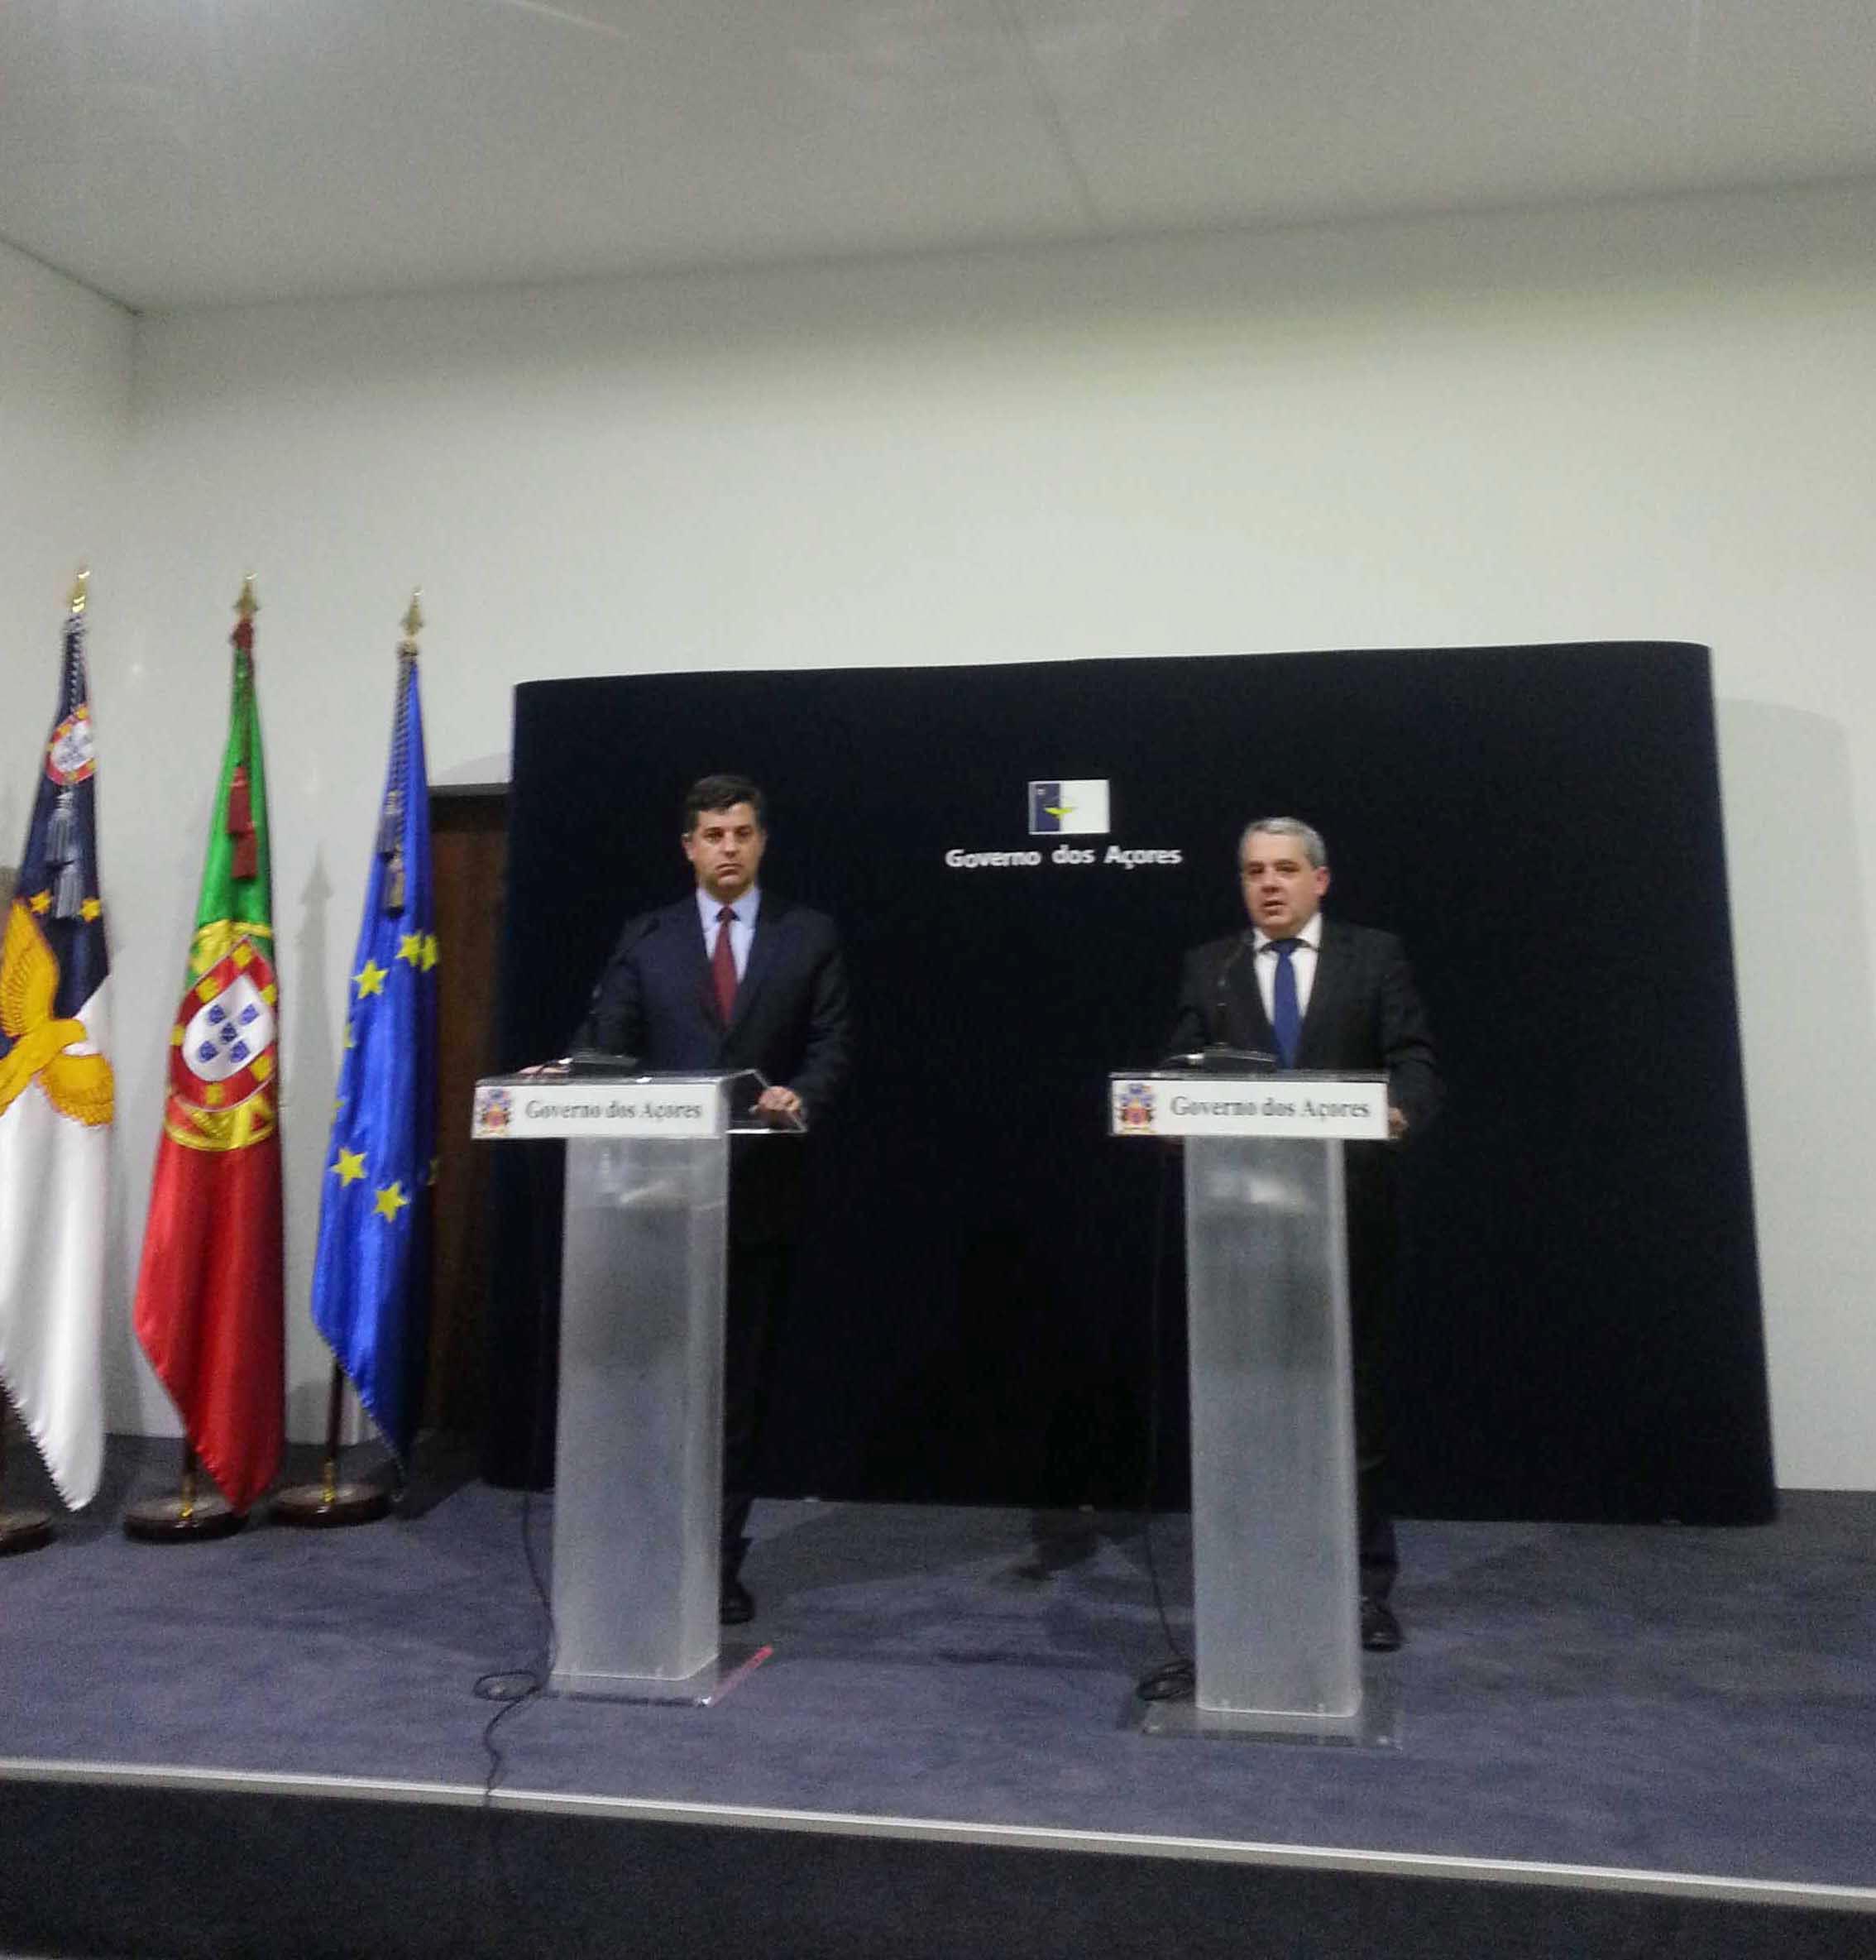 Governos dos Açores e da República alargam e reforçam mecanismos de cooperação na incubação de empresas, turismo e património